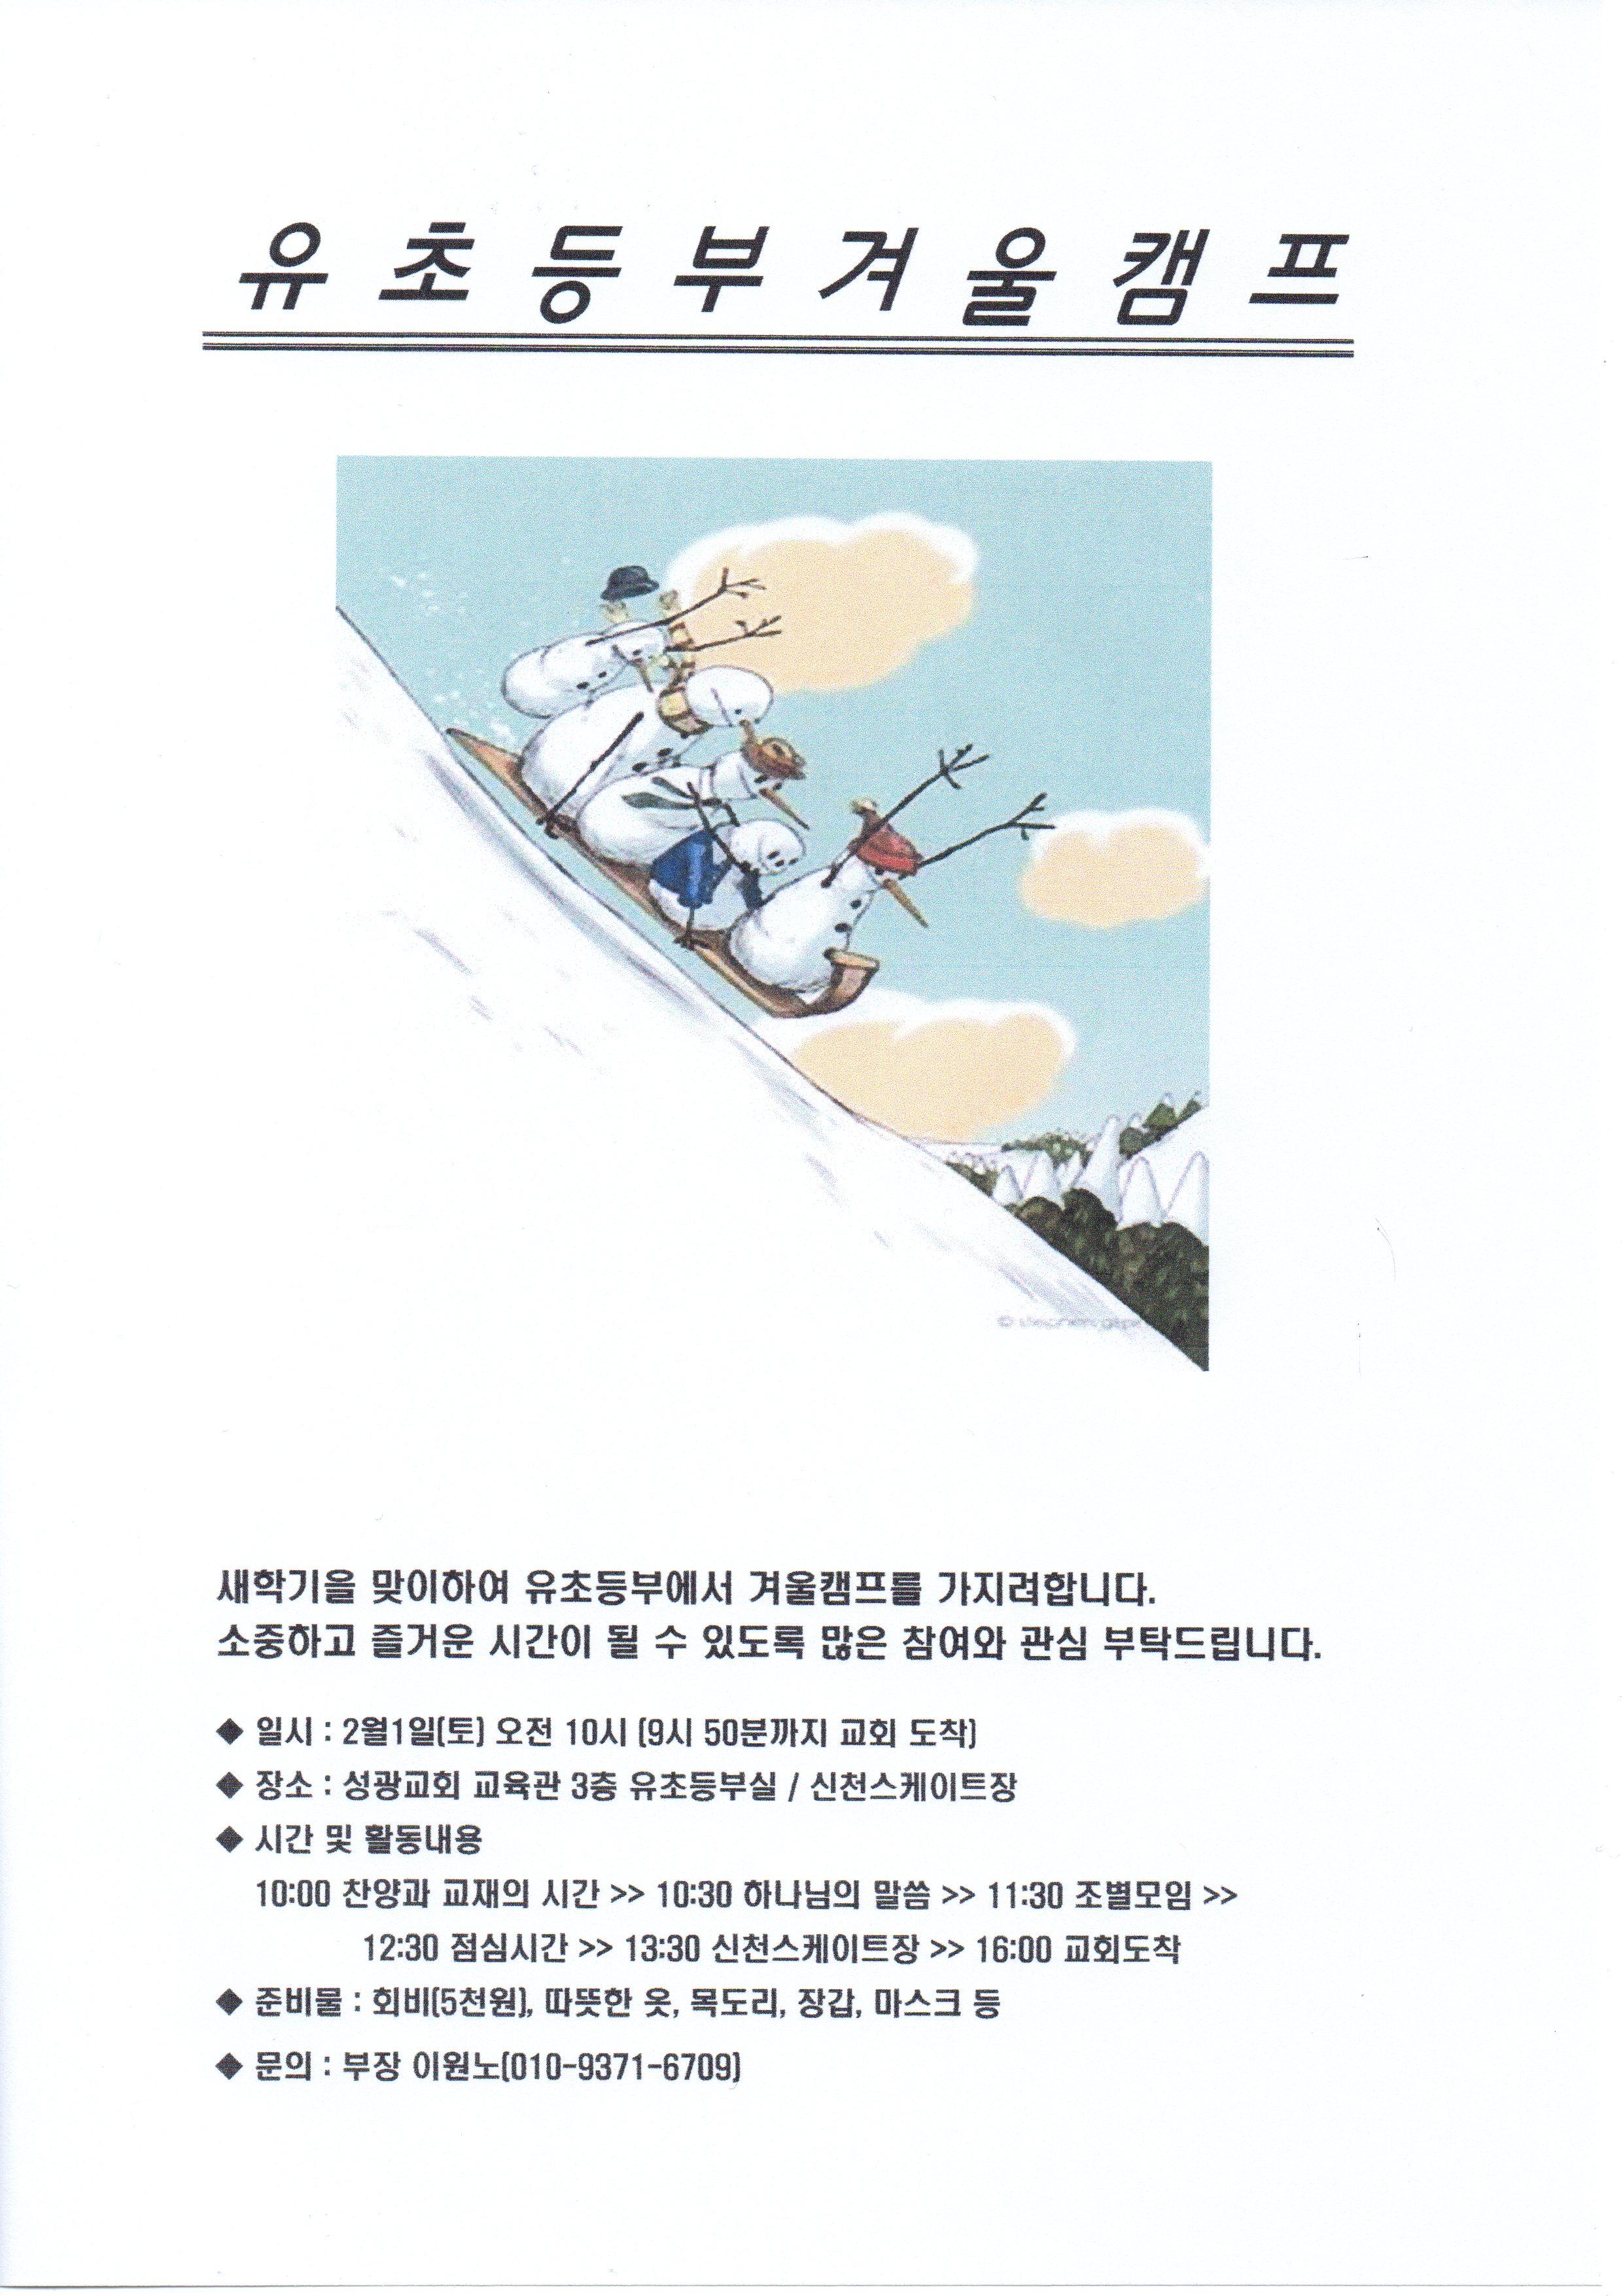 겨울캠프 안내장.jpg